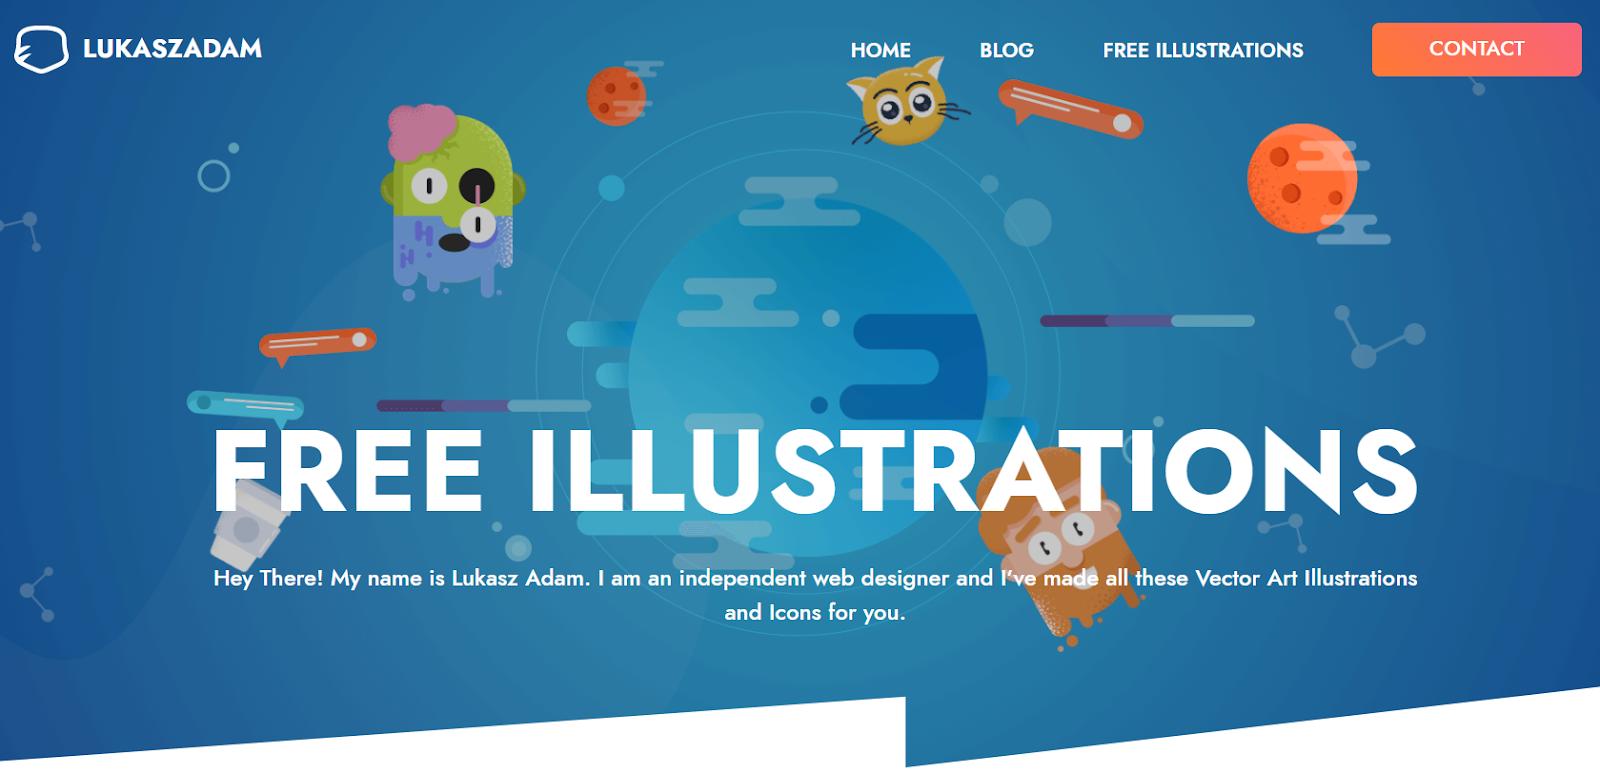 Lukas Zadam - banques d'illustrations gratuites